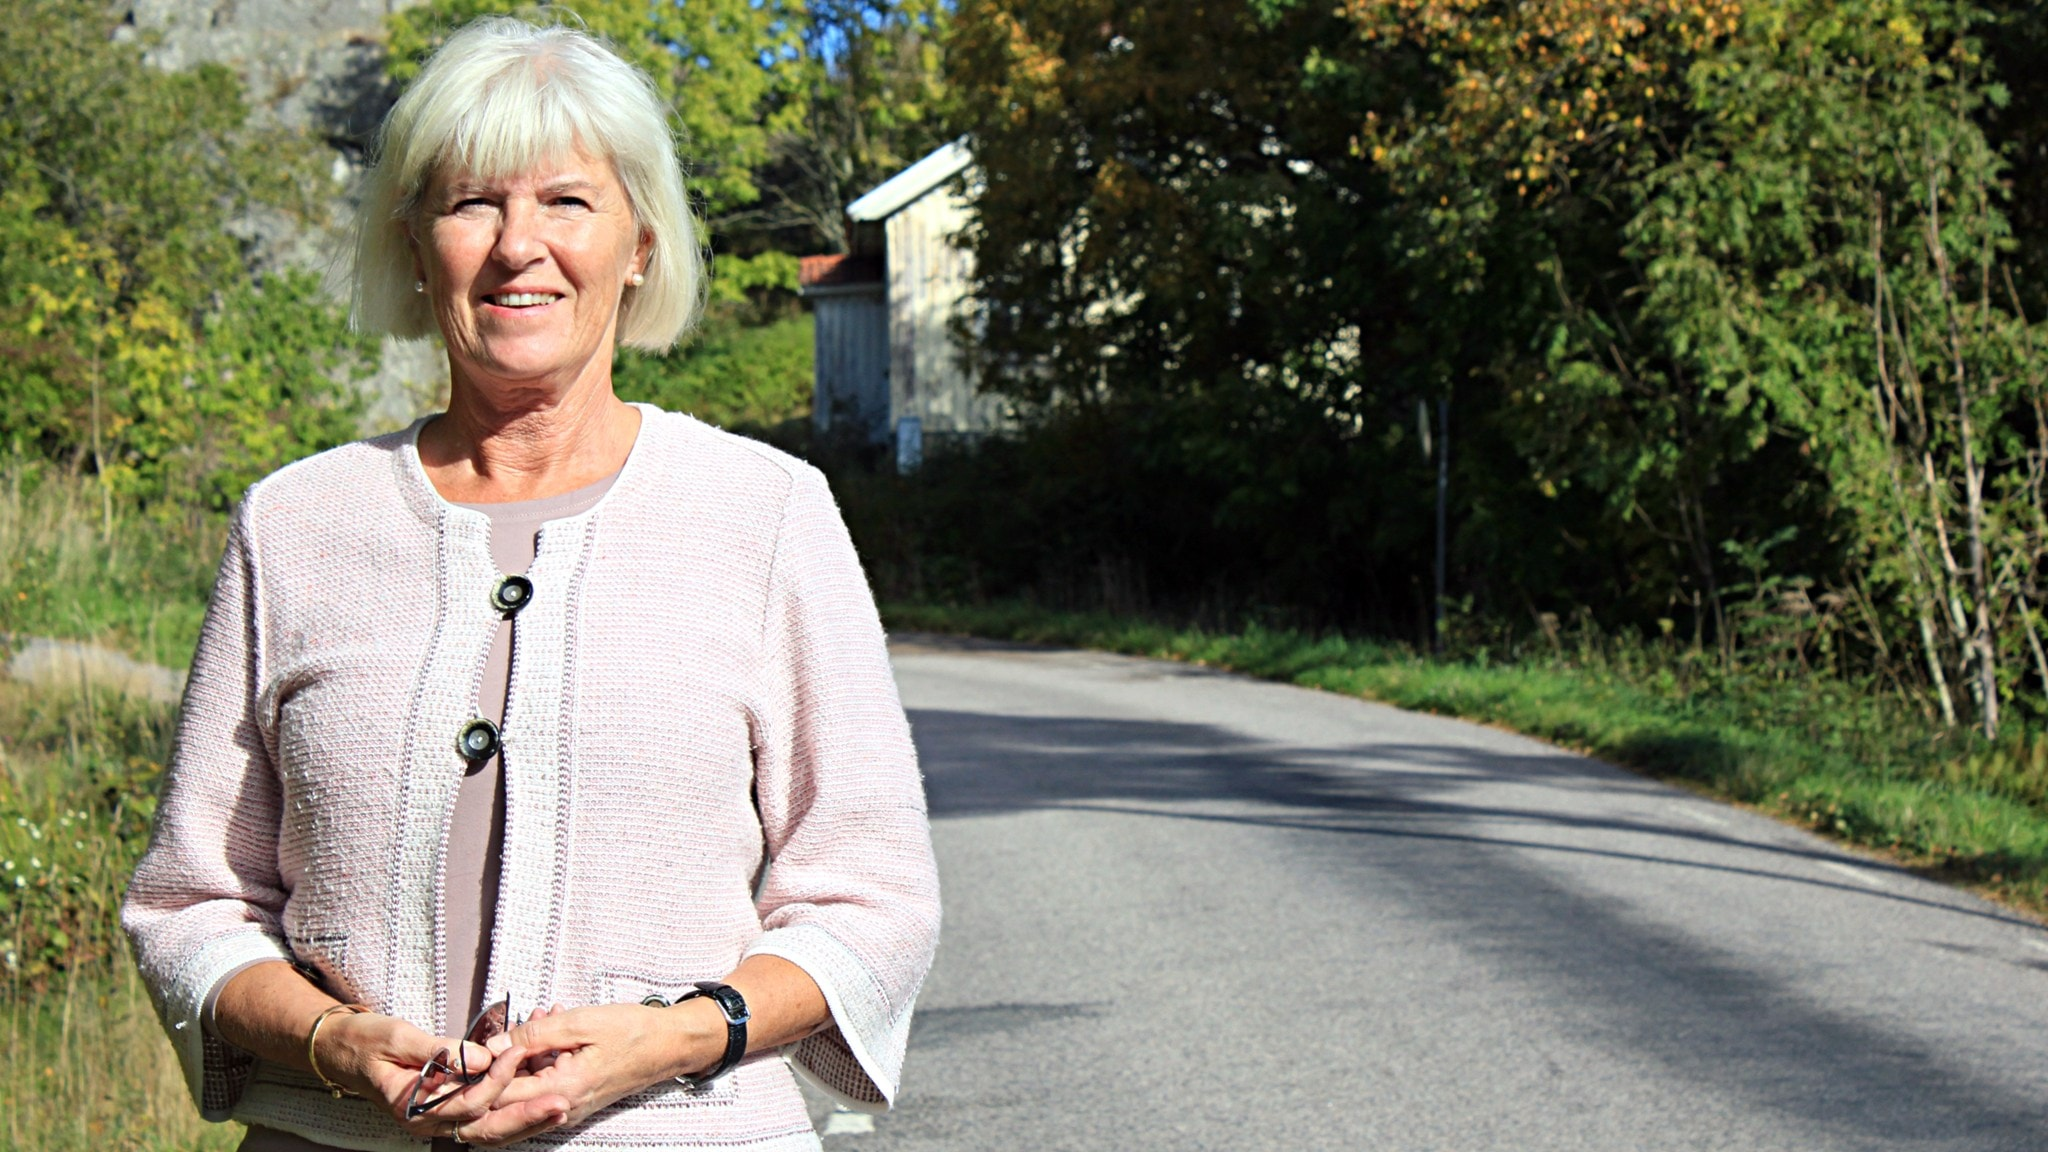 Huldas Karins dotter Eva Jarnedal i Stättebackens krök där delar av visan utspelar sig. Foto: Peter Johansson/SR.